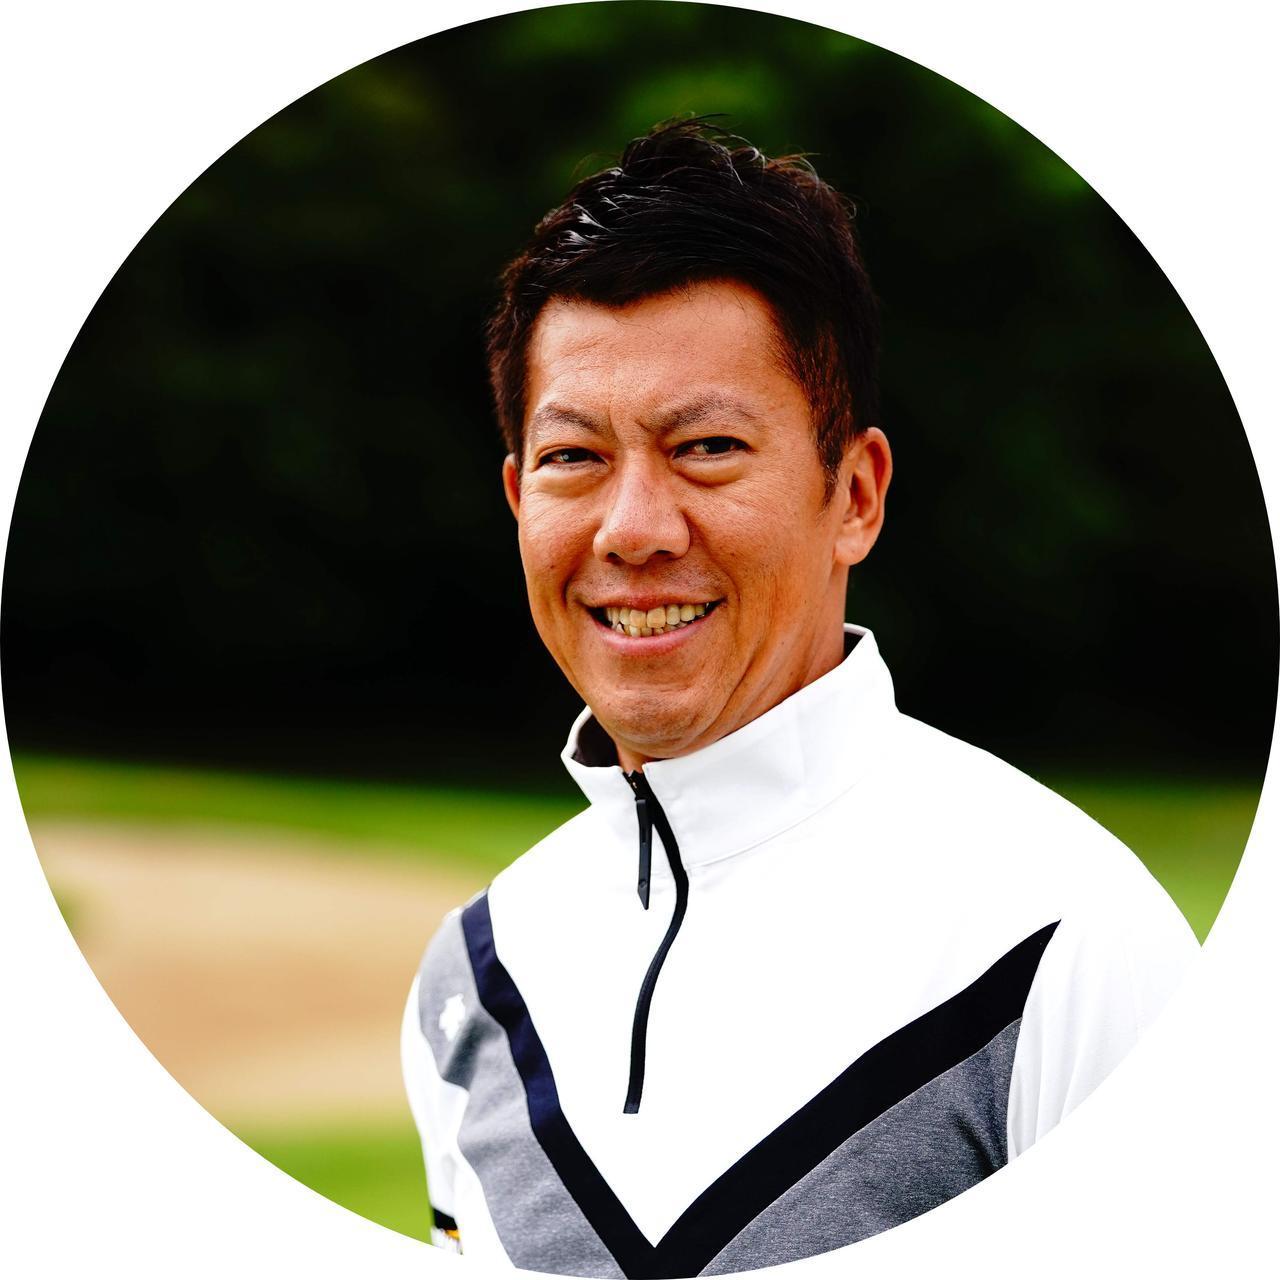 画像: 【指導】南秀樹プロ 金田久美子など多くのプロを抱える人気コーチ。香川で「3.7.3ゴルフアカデミー」主宰、アマチュアにもレッスンを行っている